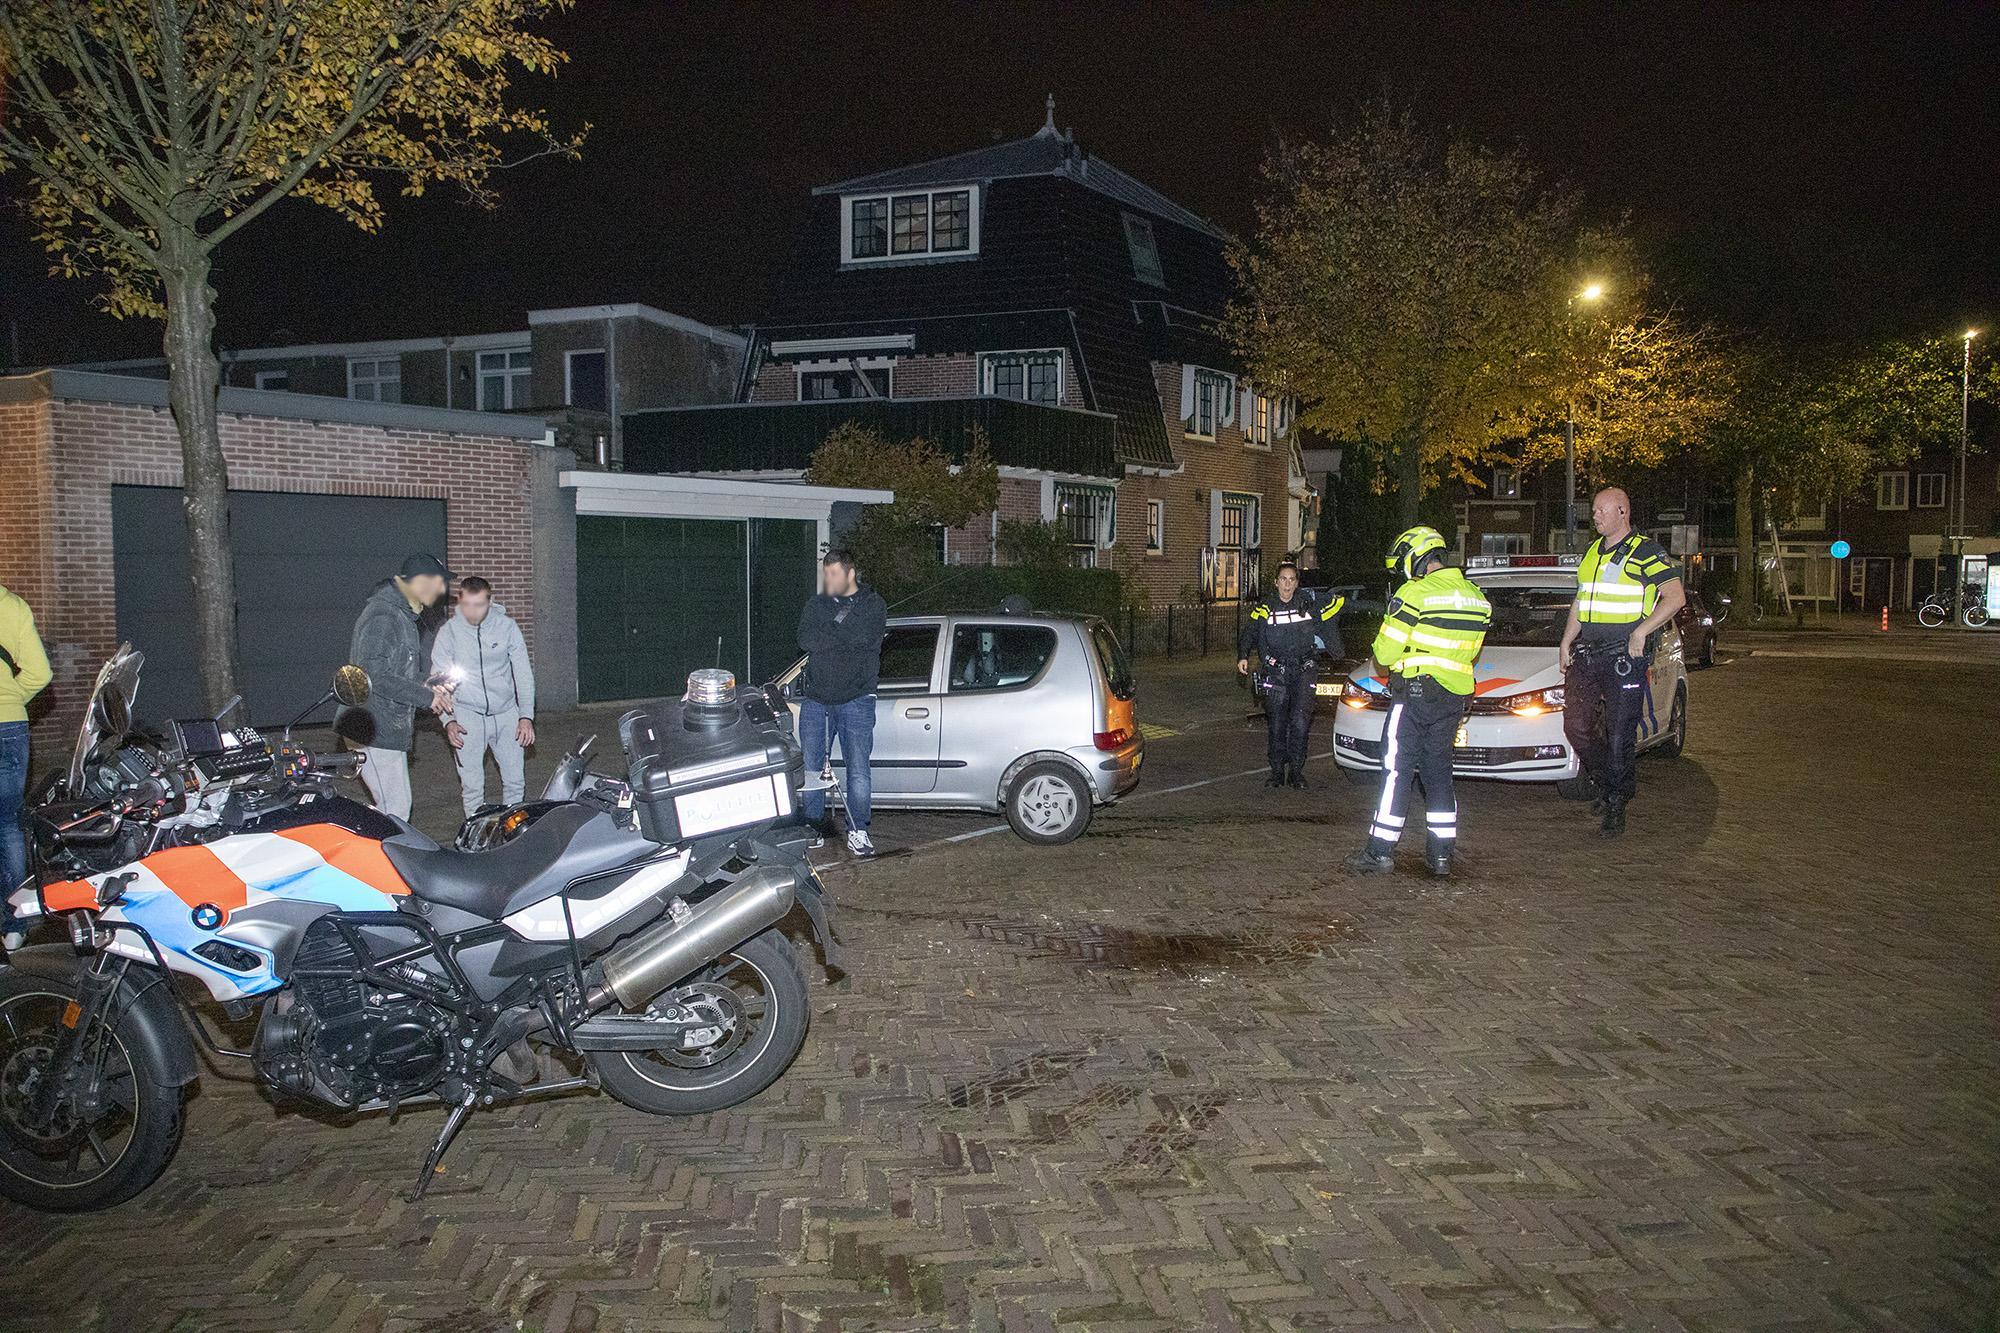 Scooterrijder vlucht na aanrijding in Haarlem. Politie vindt alleen petje terug